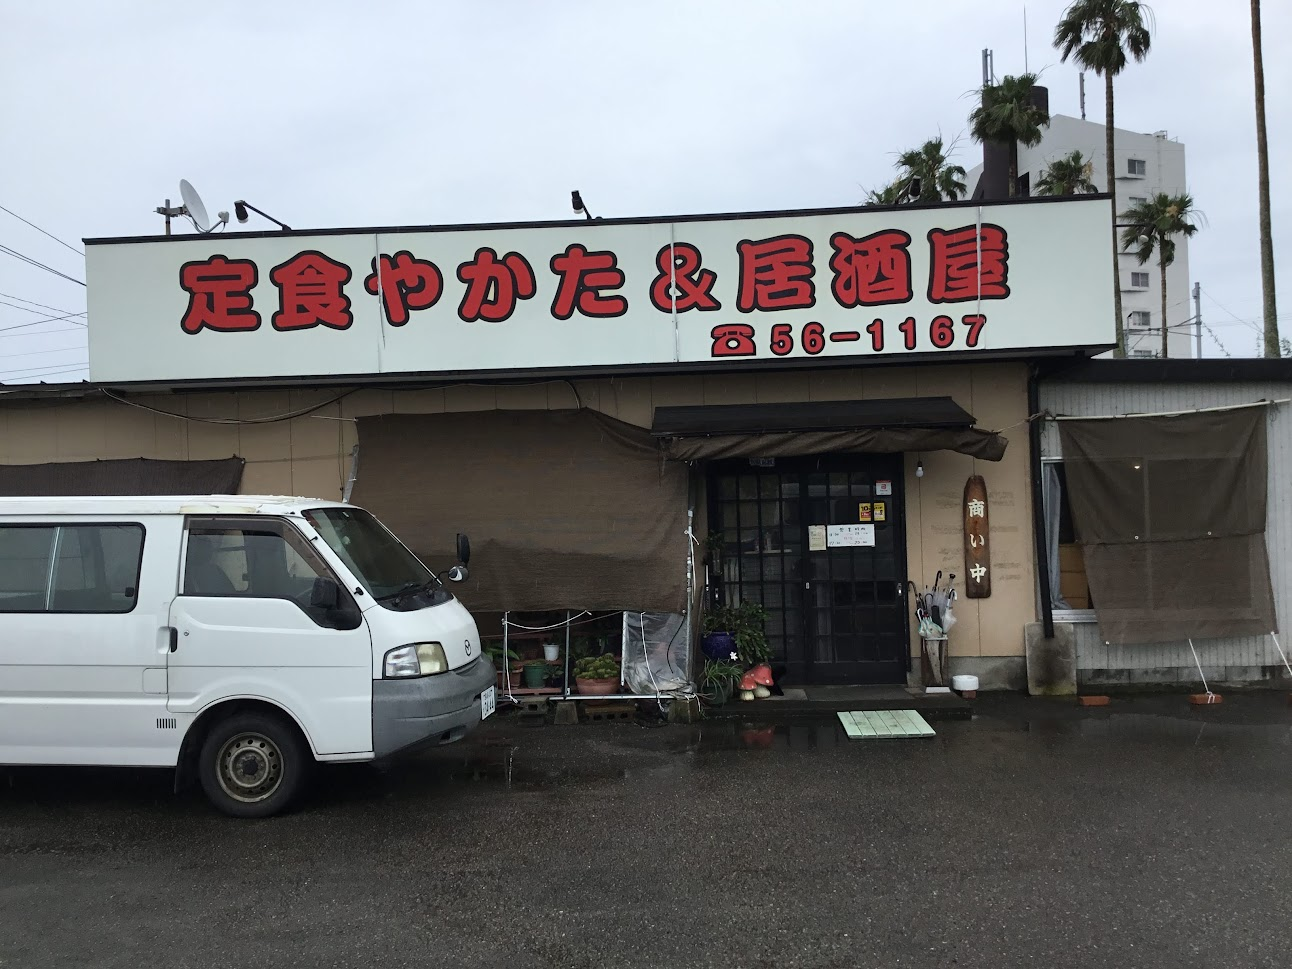 定食やかた&居酒屋でランチを食べた。ザ昭和なお店でした。日替わりが500円とはコスパがすごすぎ♪